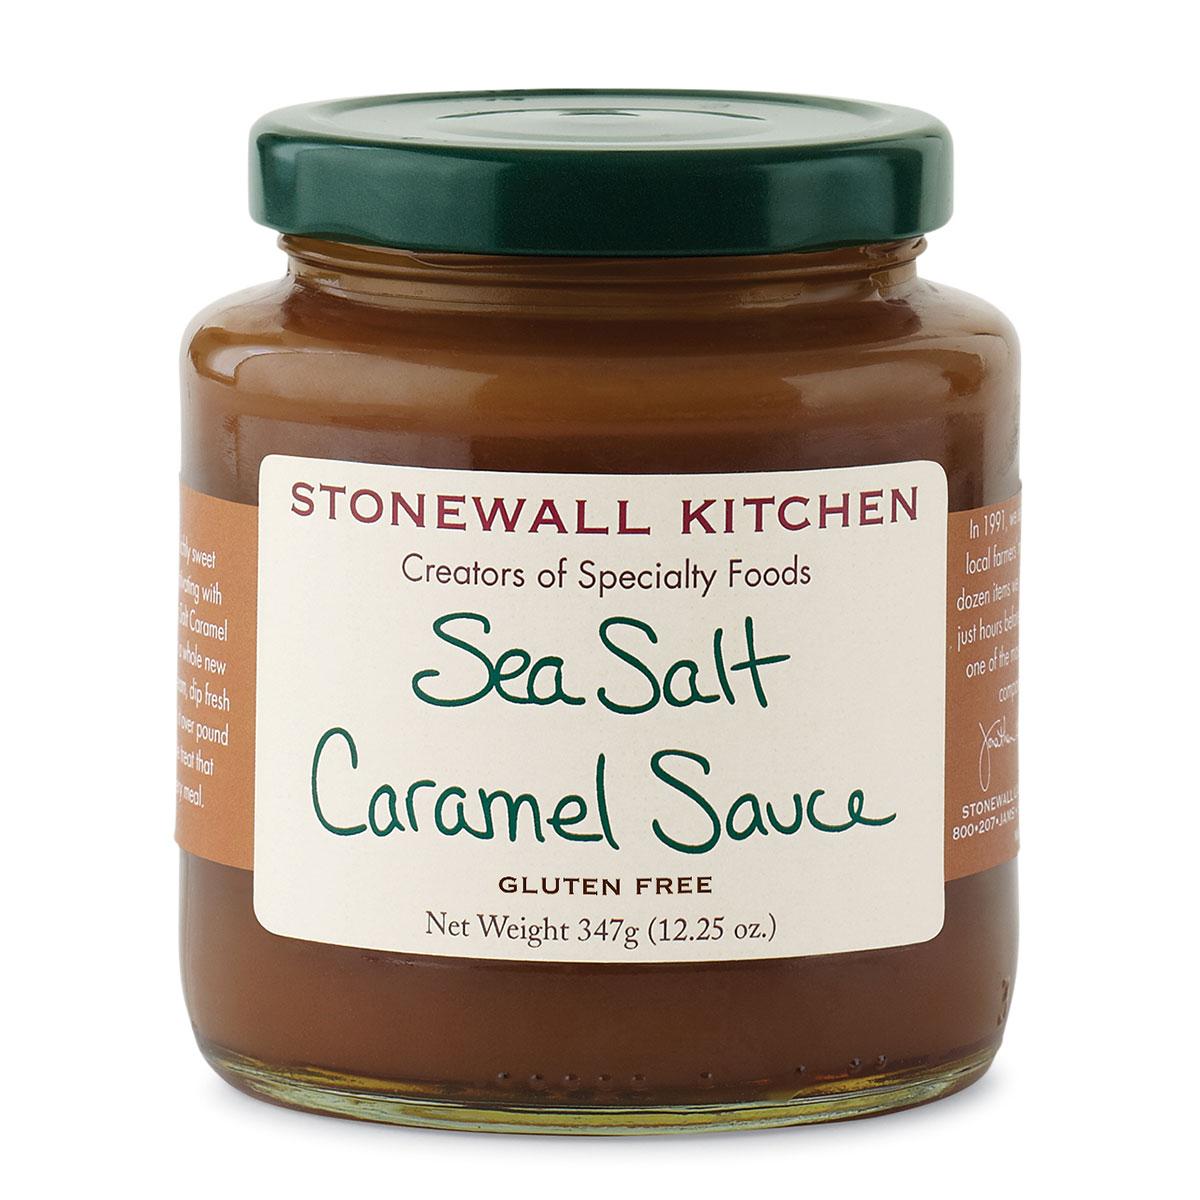 Sea Salt Caramel Sauce | Dessert Sauces & Candy | Stonewall Kitchen